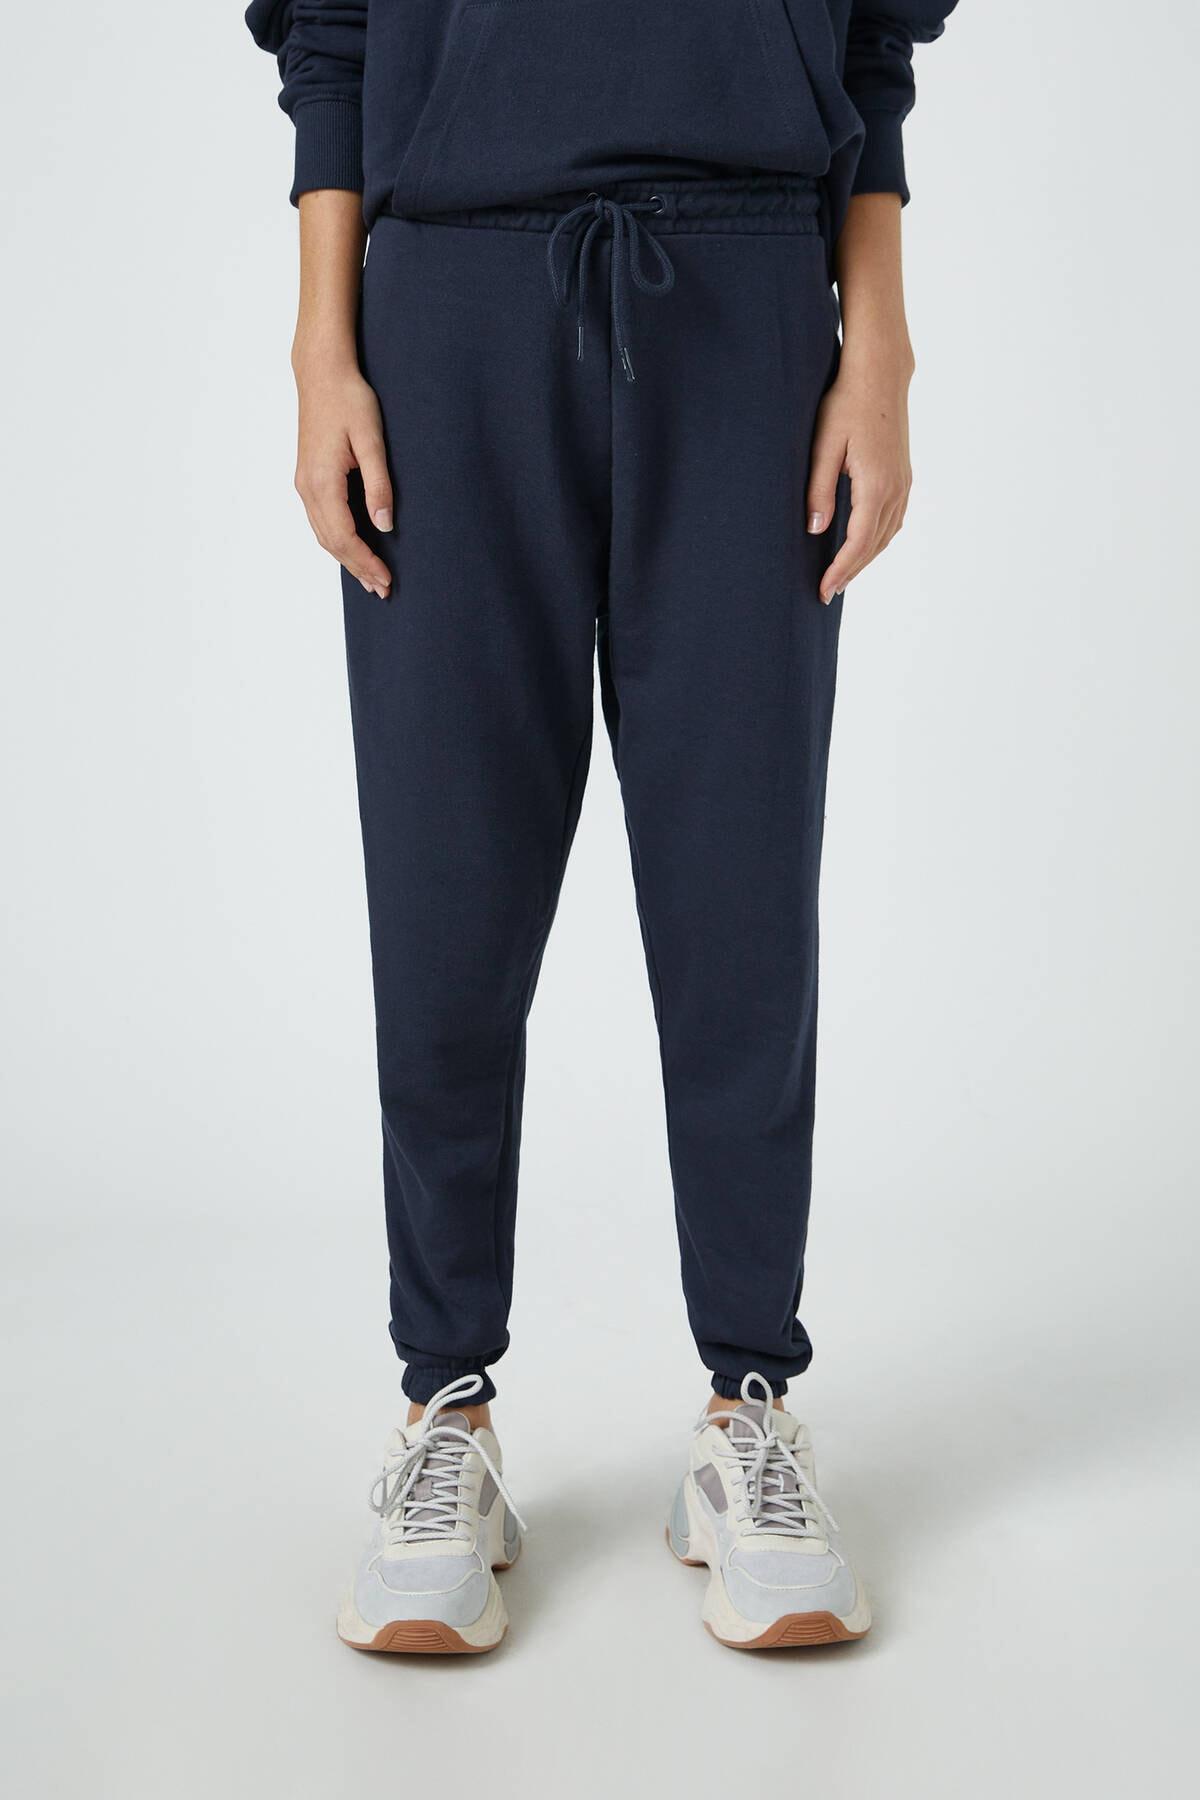 Pull & Bear Kadın Lacivert Elastik Paçalı Basic Jogger Pantolon 09678407 2